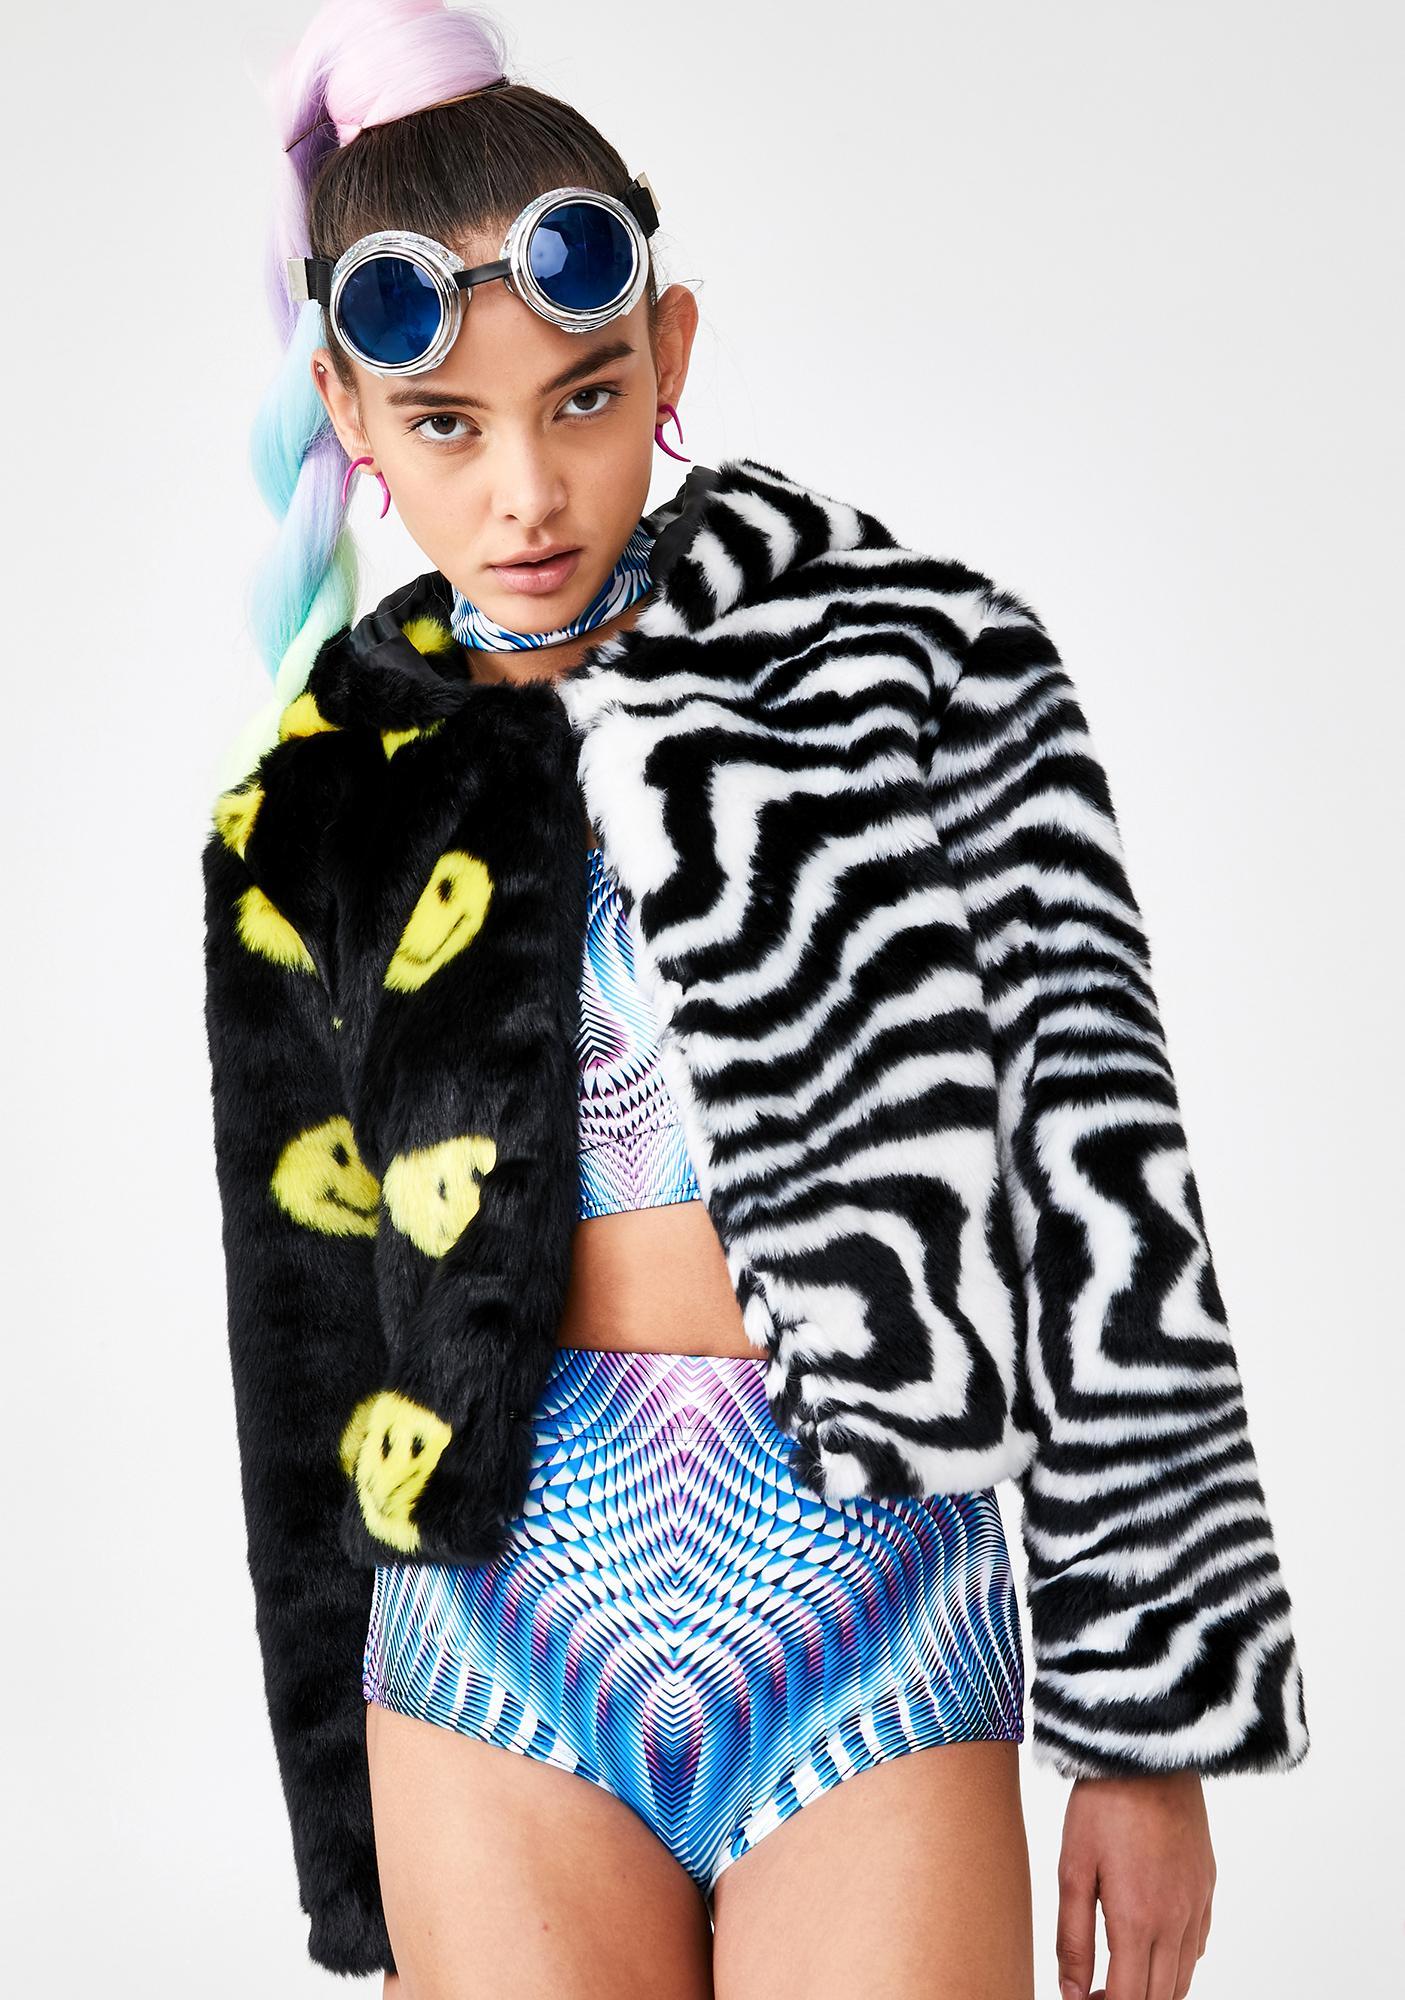 Ivy Berlin Trippy Smiley Split Faux Fur Jacket